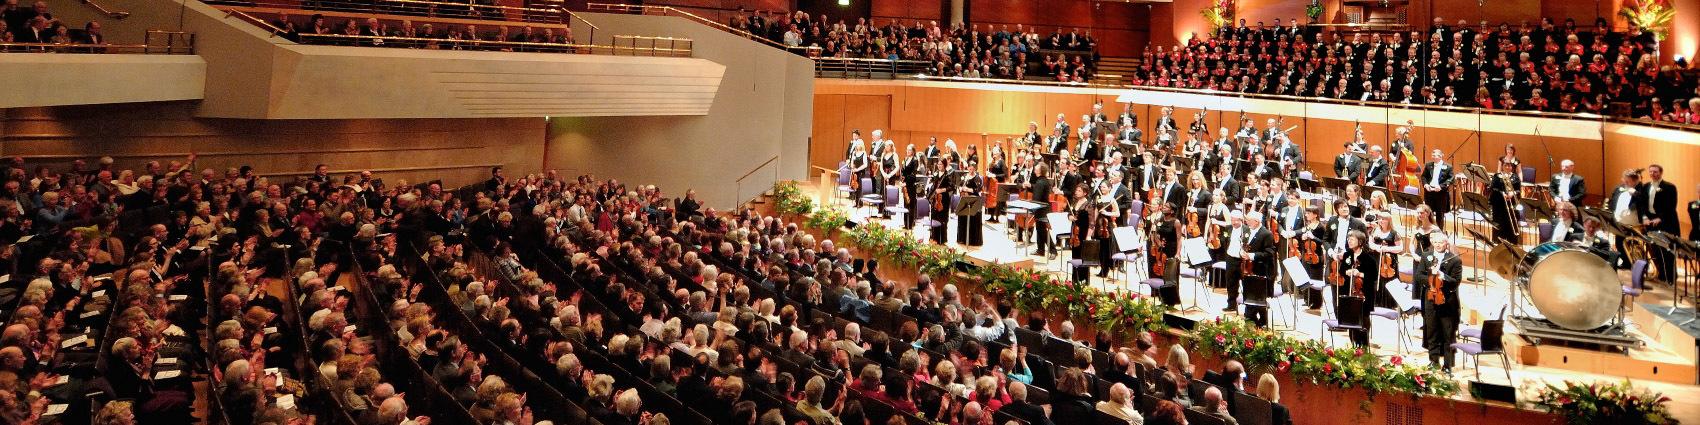 世界のオーケストラ/第35回 <ハレ管弦楽団> イギリス最古のオーケストラ_d0170835_20265565.jpg